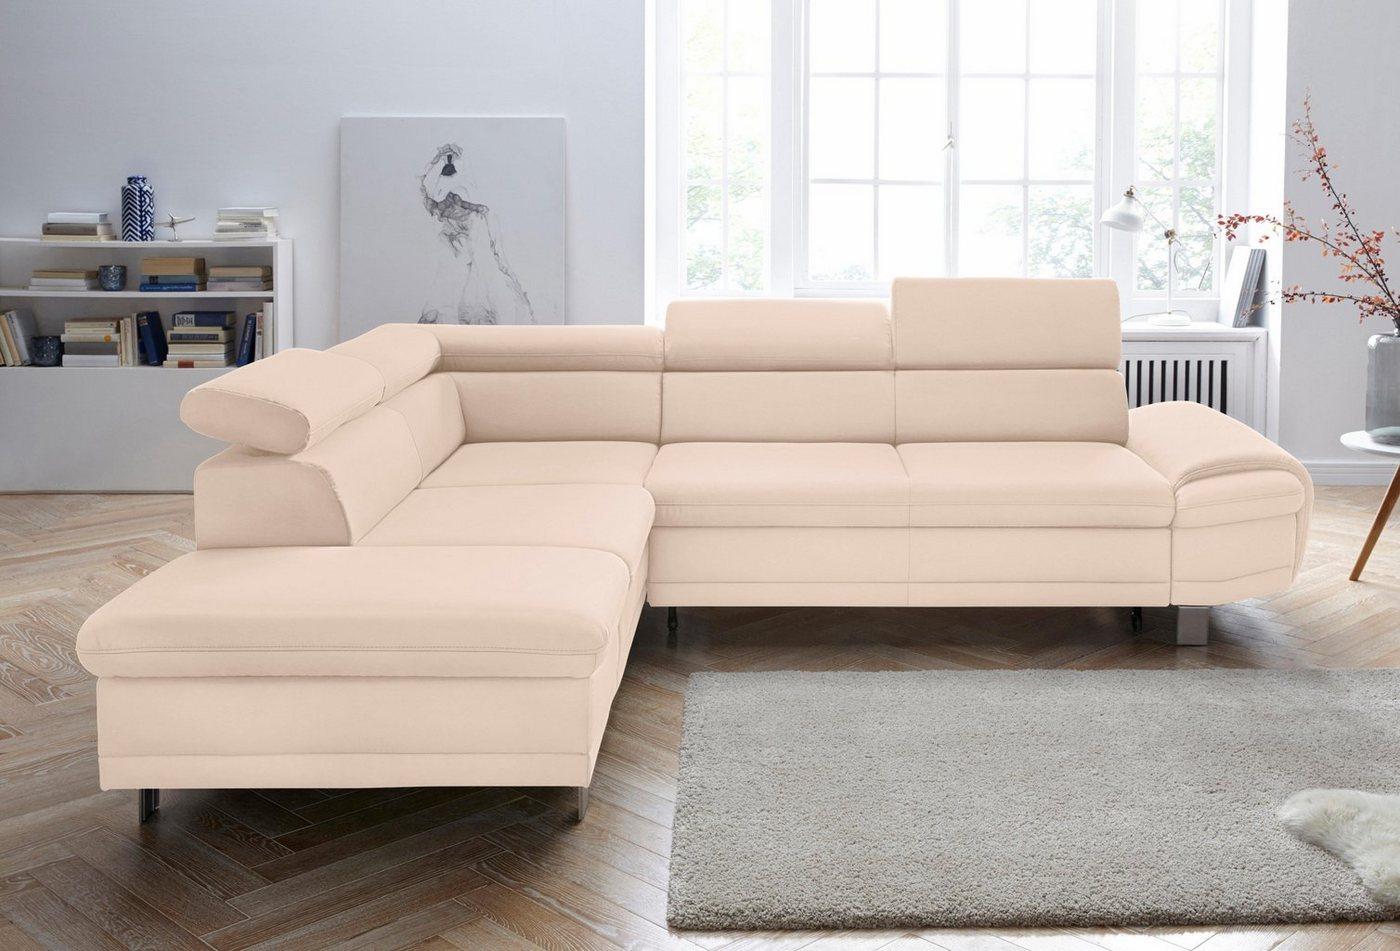 eck steckdosenleiste preisvergleiche erfahrungsberichte und kauf. Black Bedroom Furniture Sets. Home Design Ideas